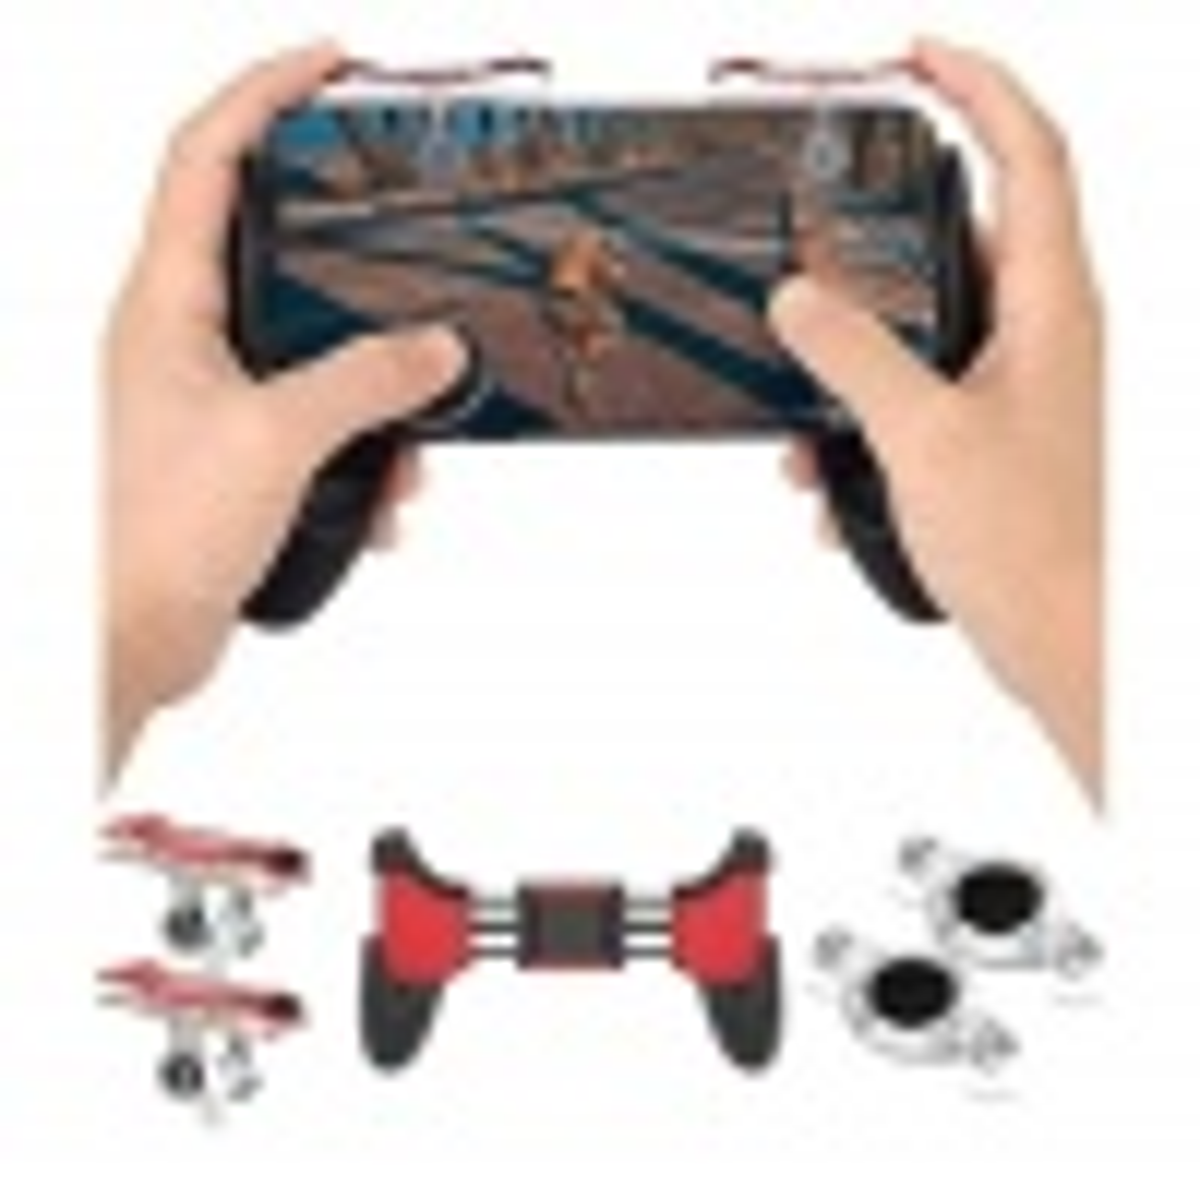 Concord C-862 Pubg Oyun Konsolu Universal Gamepad Tüm Telefonlar İçin